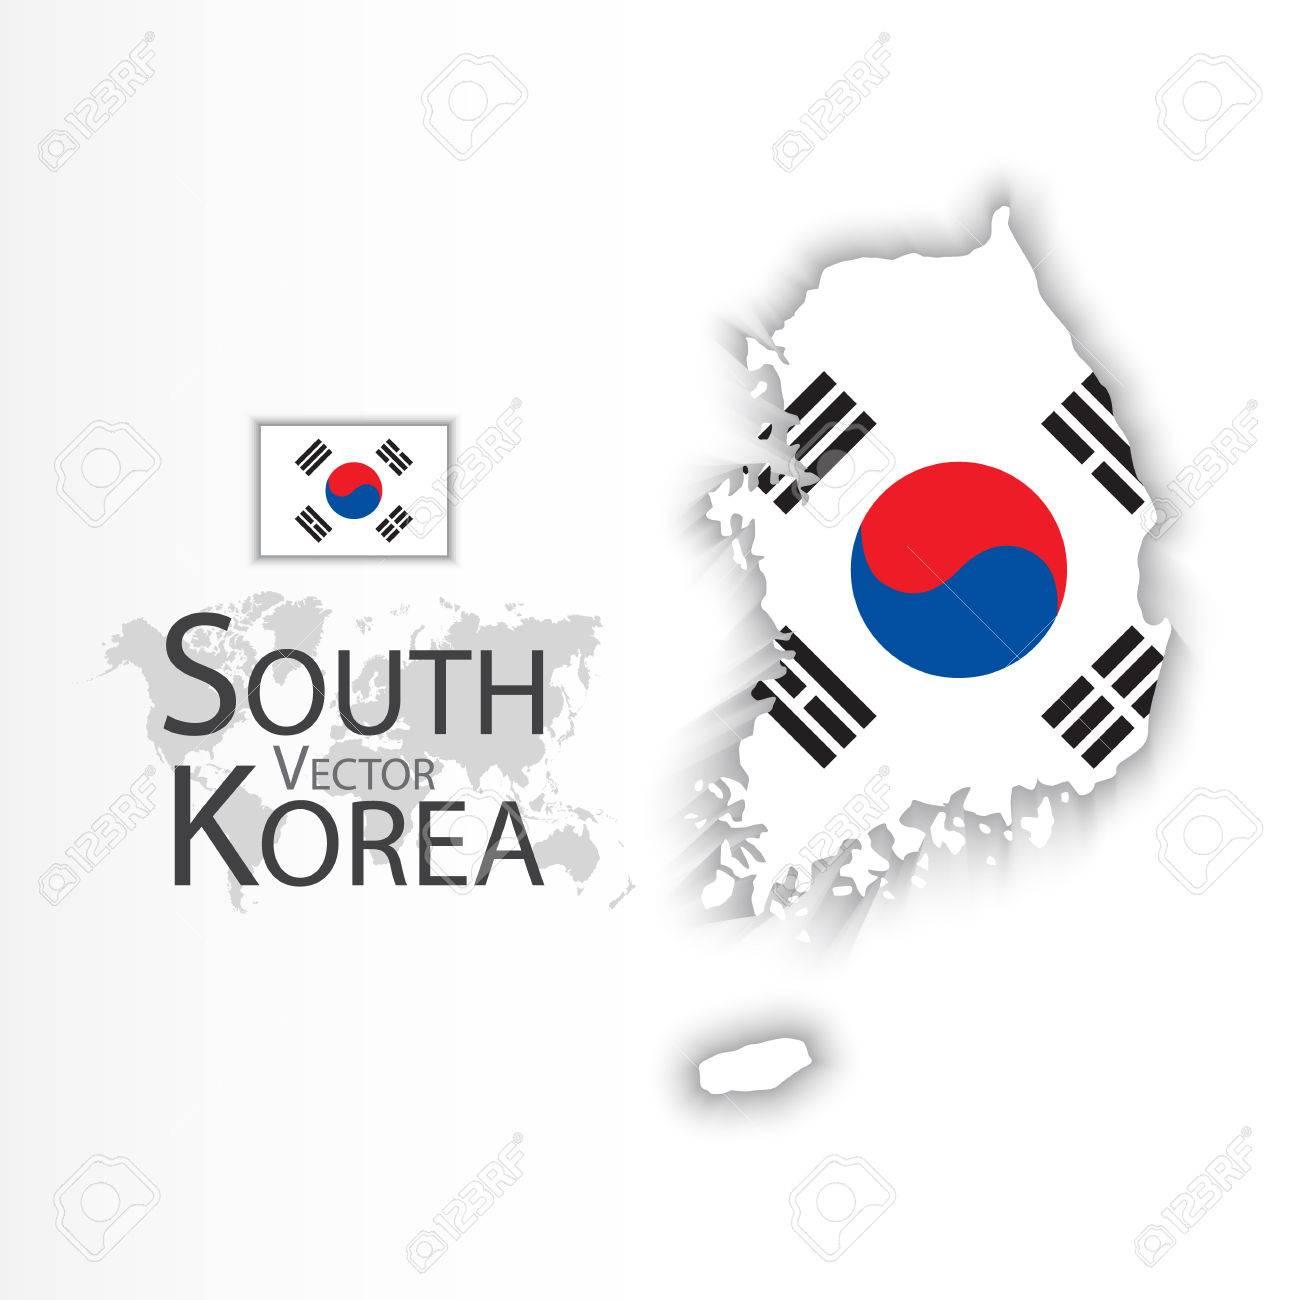 South Korea ( Republic of South Korea ) ( flag and map ) ( transportation and tourism concept ) - 52765702